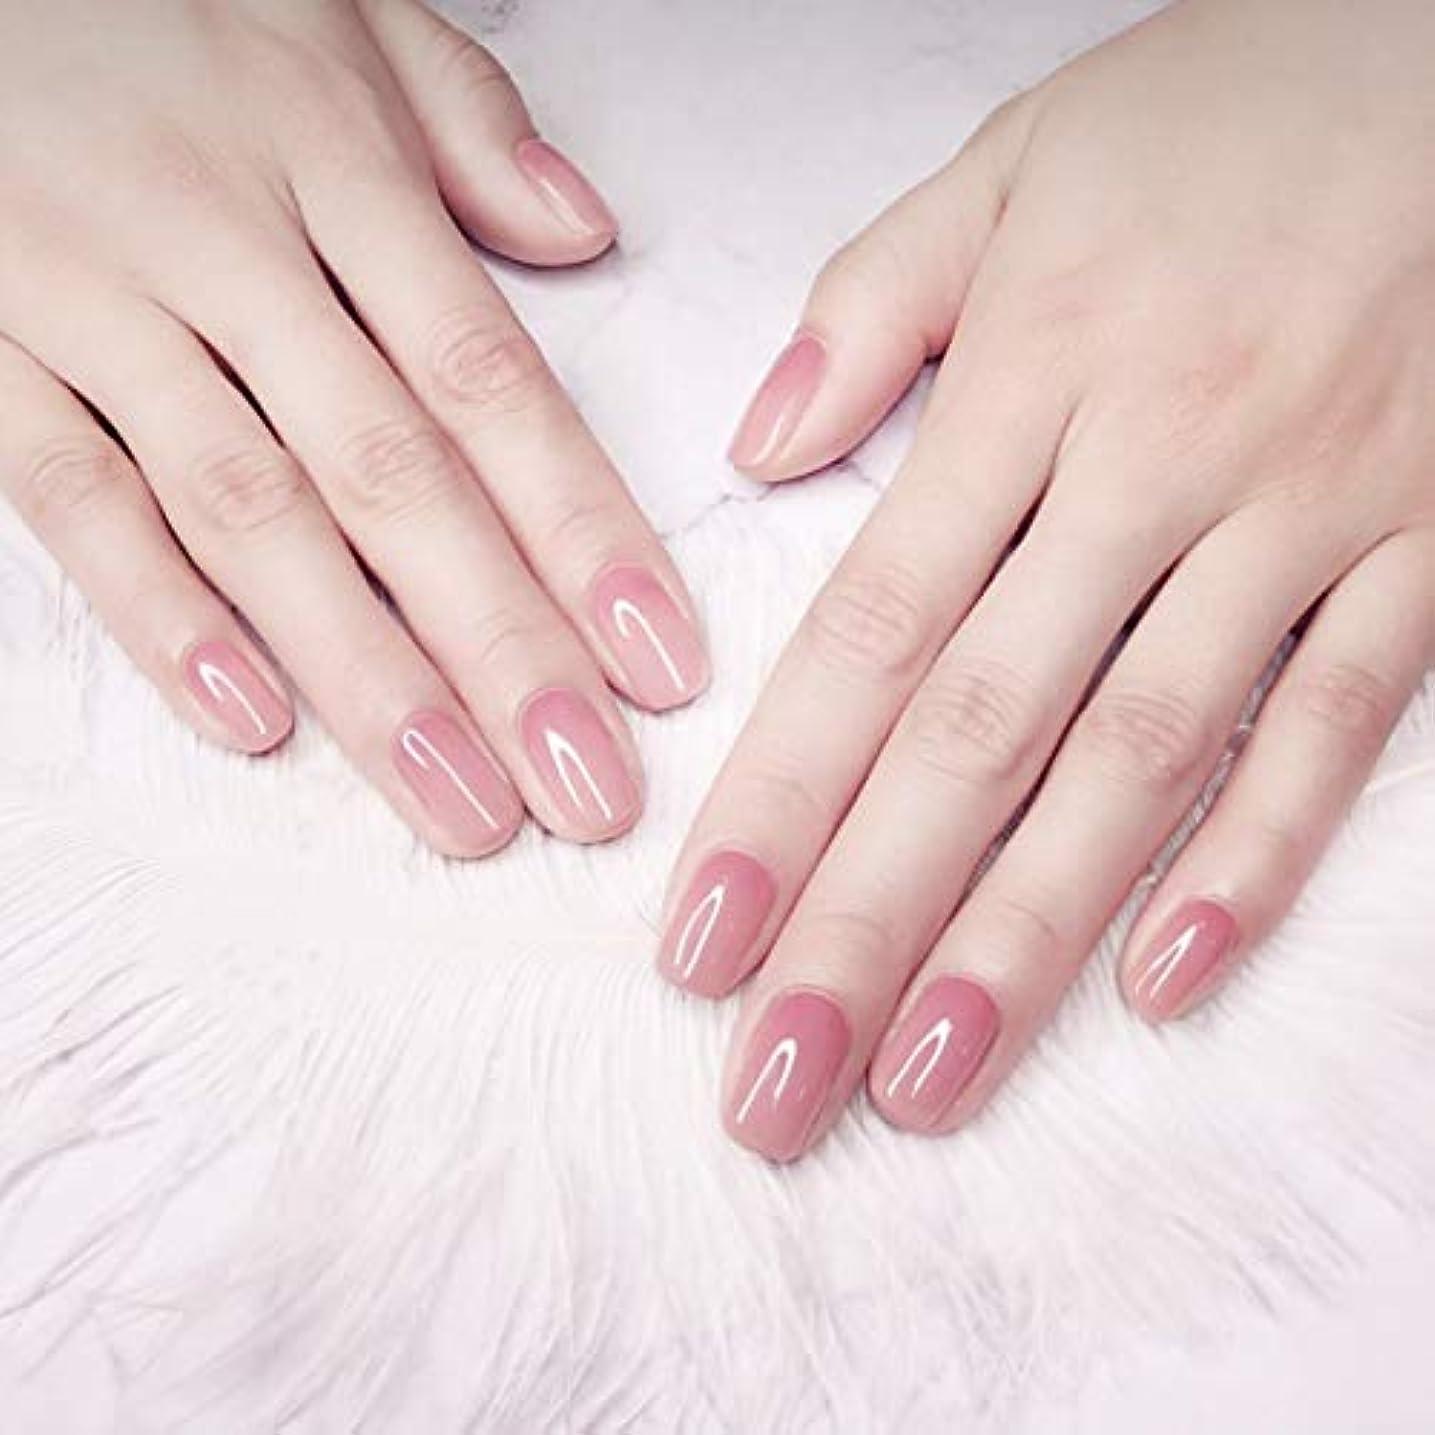 安西現実的浸漬24枚純色付け爪 ネイル貼るだけネイルチップ お花嫁付け爪 さくら カラーグラデーション フラットヘッド 平頭爪チップ